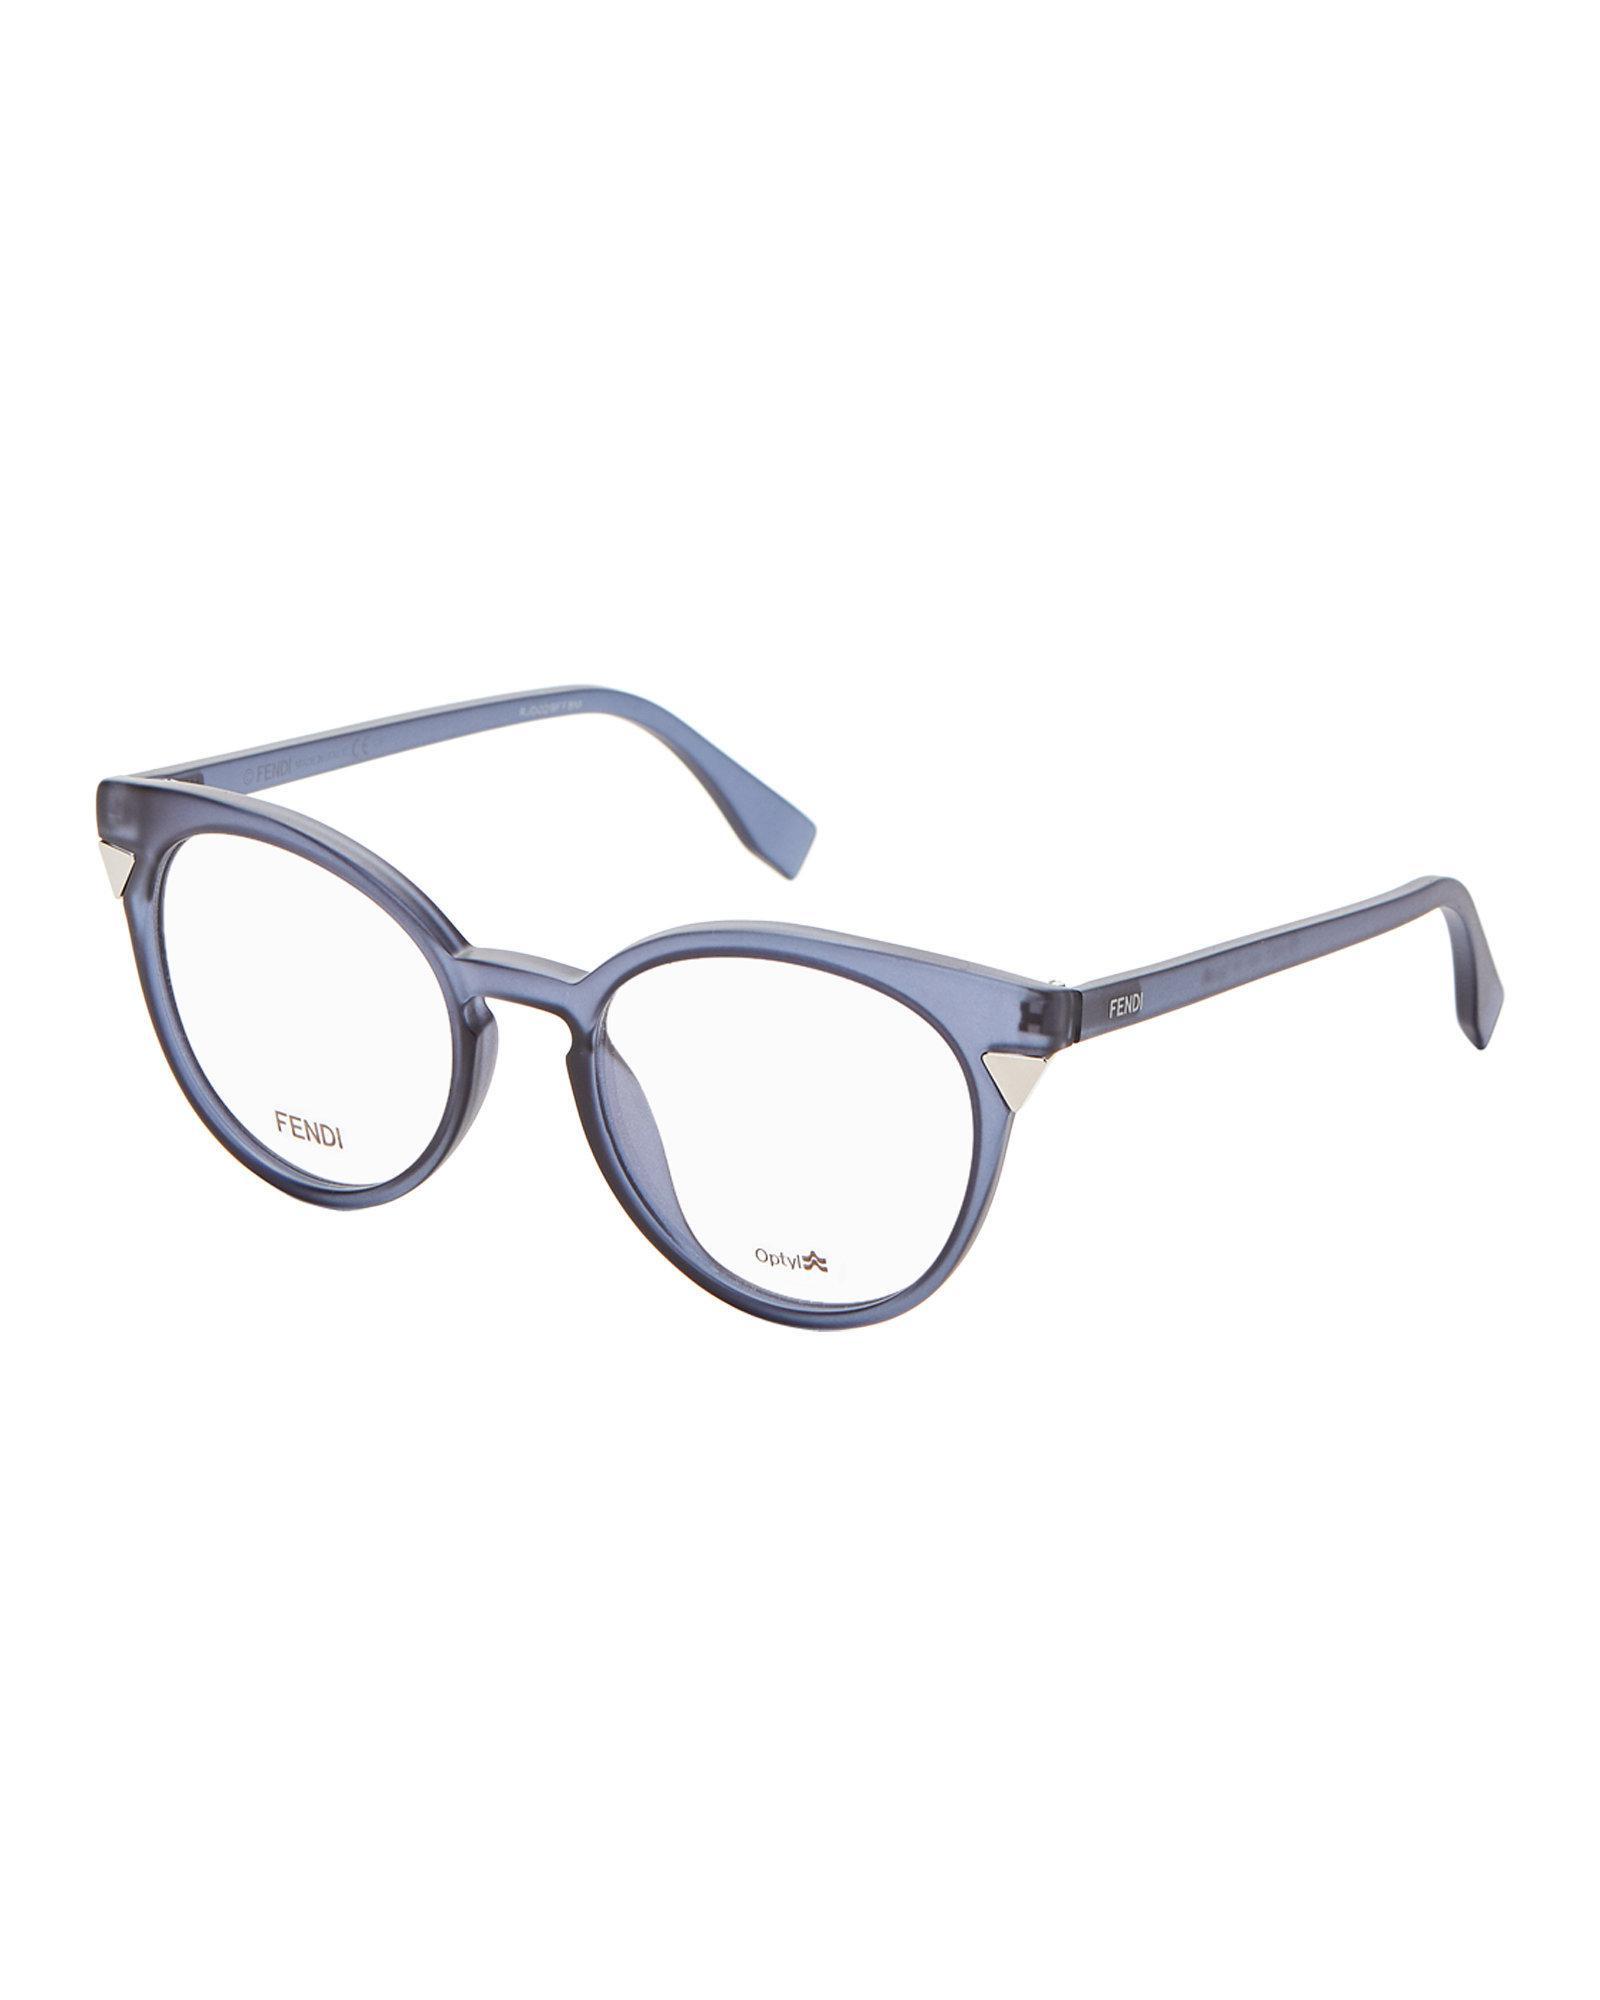 Lyst - Fendi Ff0127 Blue-grey Round Optical Frames in Blue